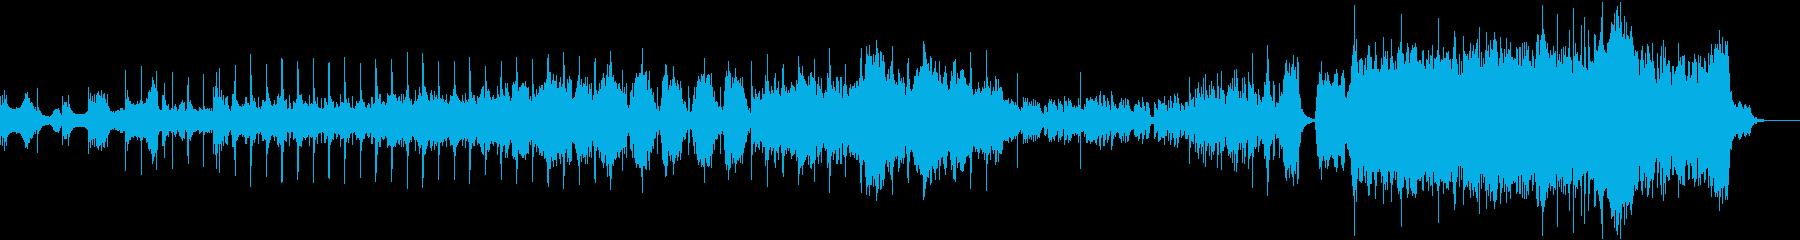 6部構成の和風オーケストラの再生済みの波形